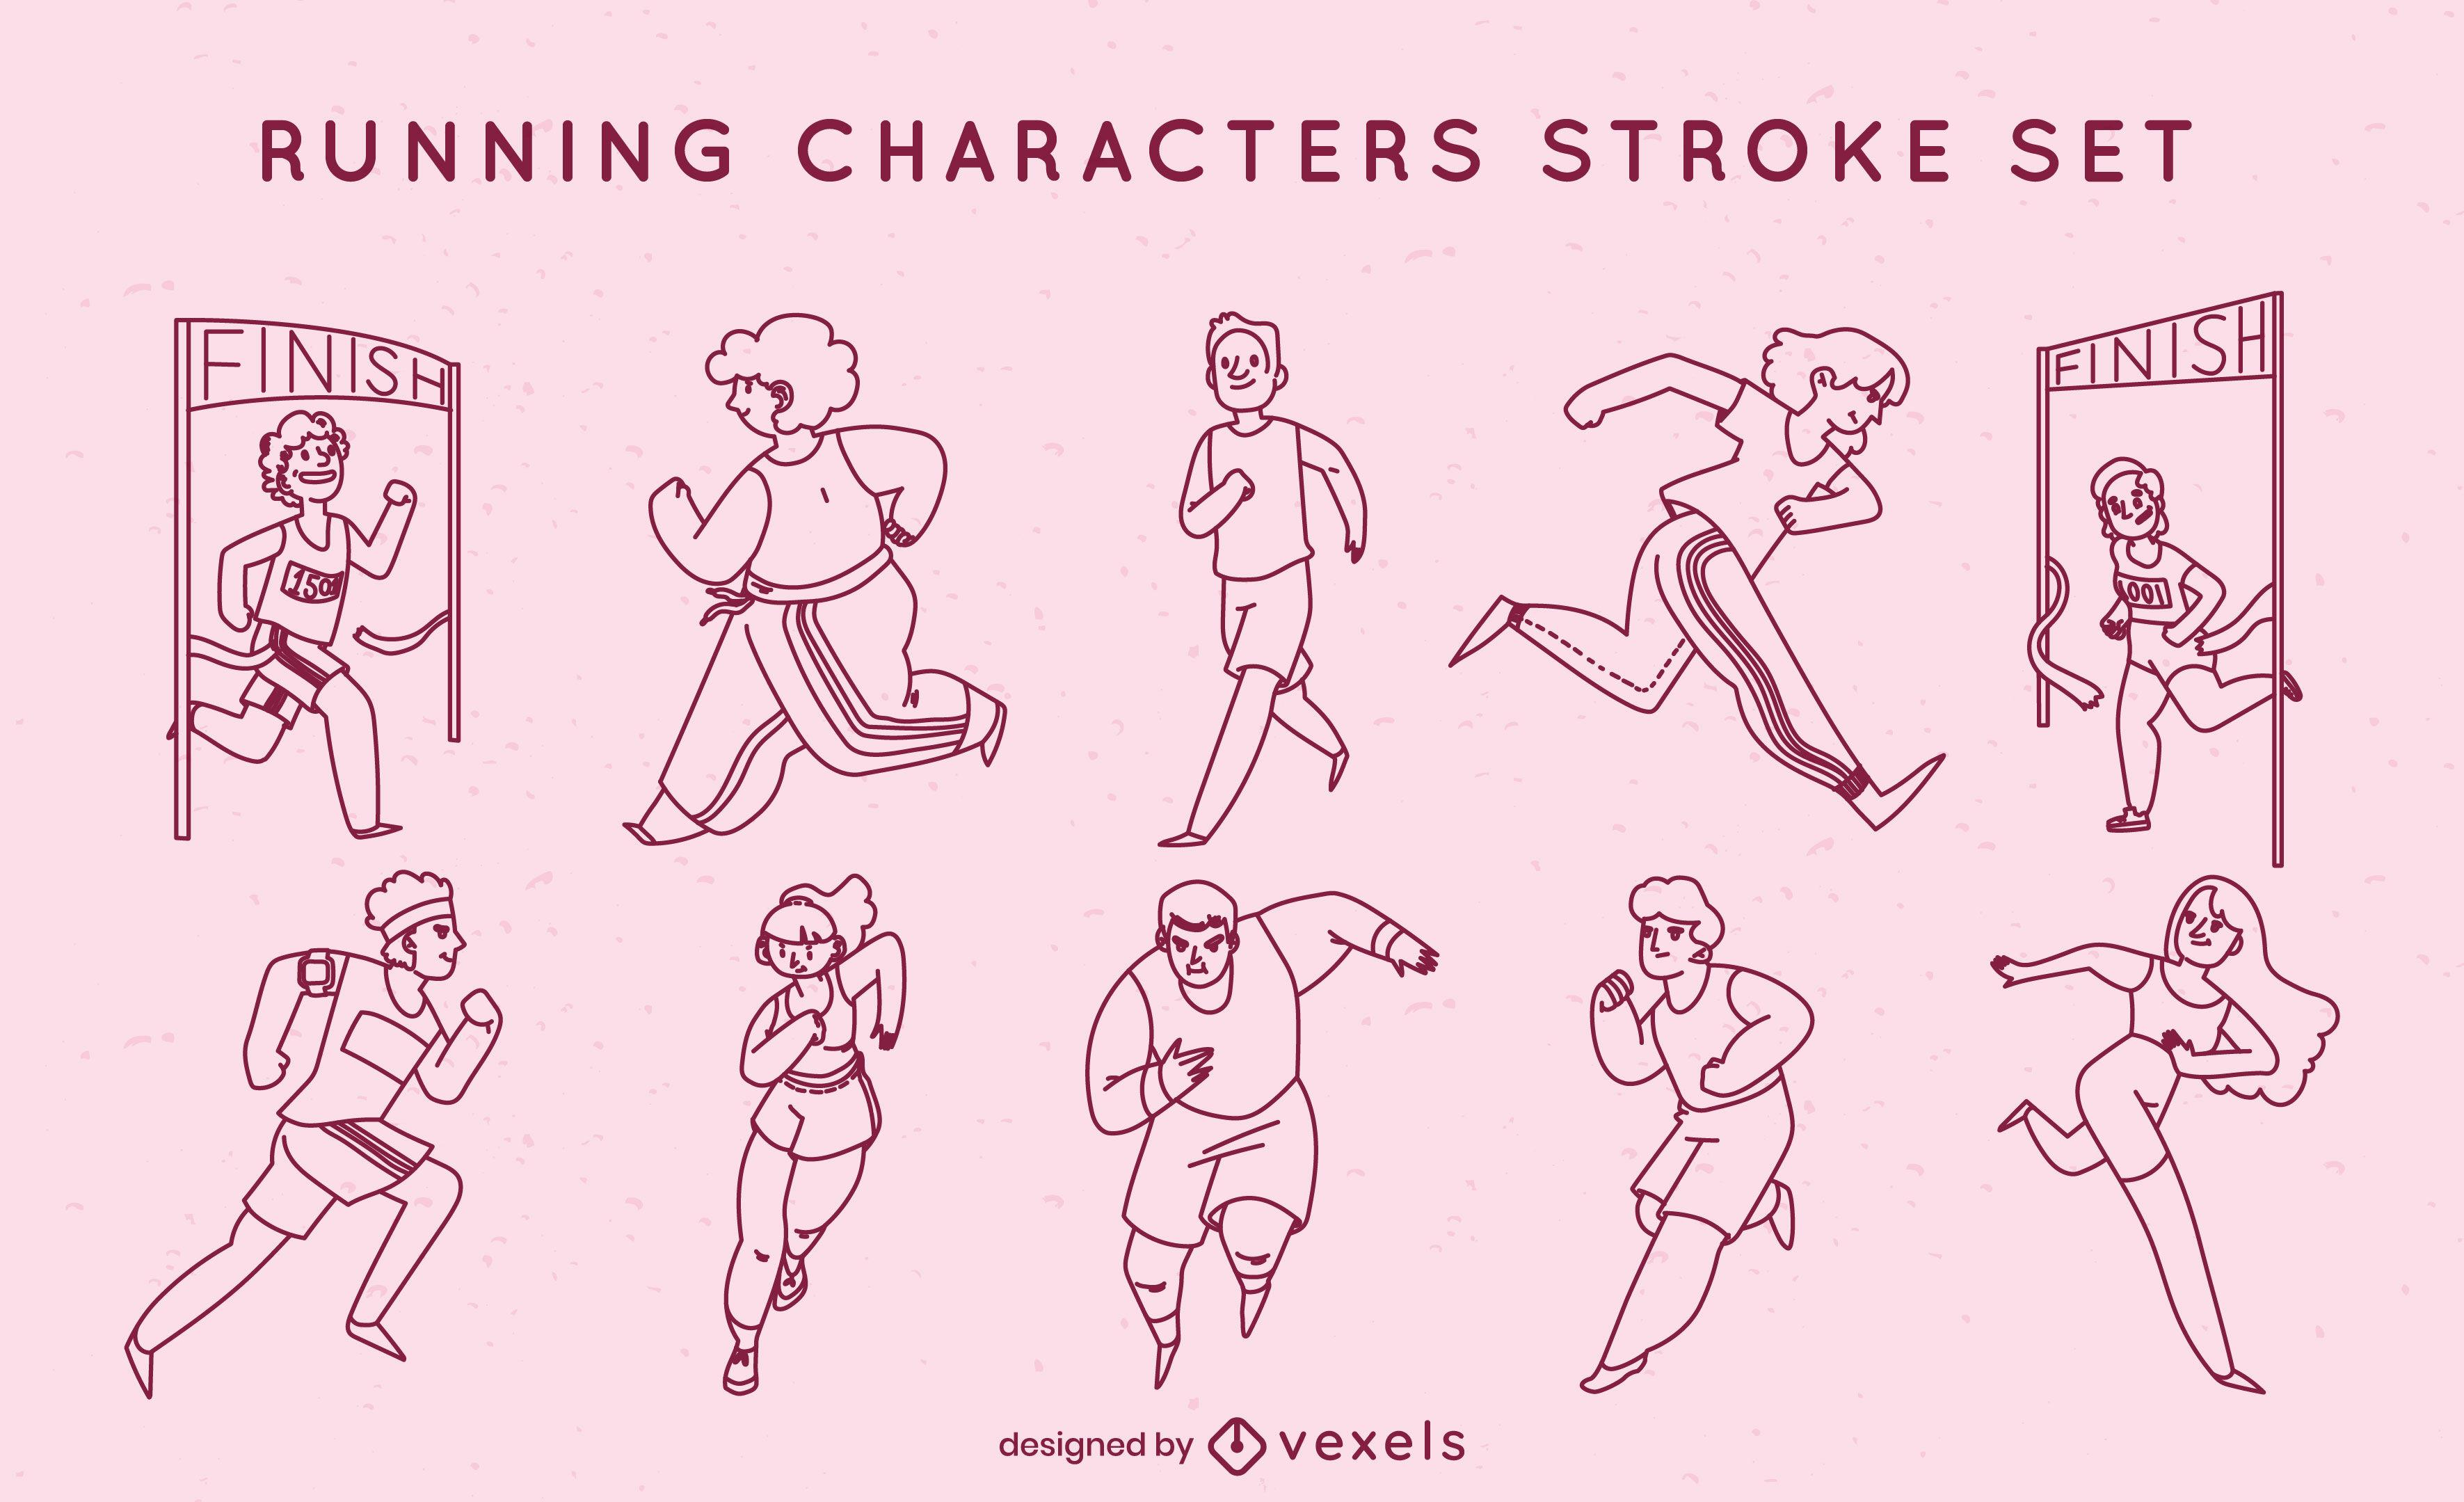 Menschen, die den Zeichensatz für den Track-Stroke-Zeichensatz ausführen